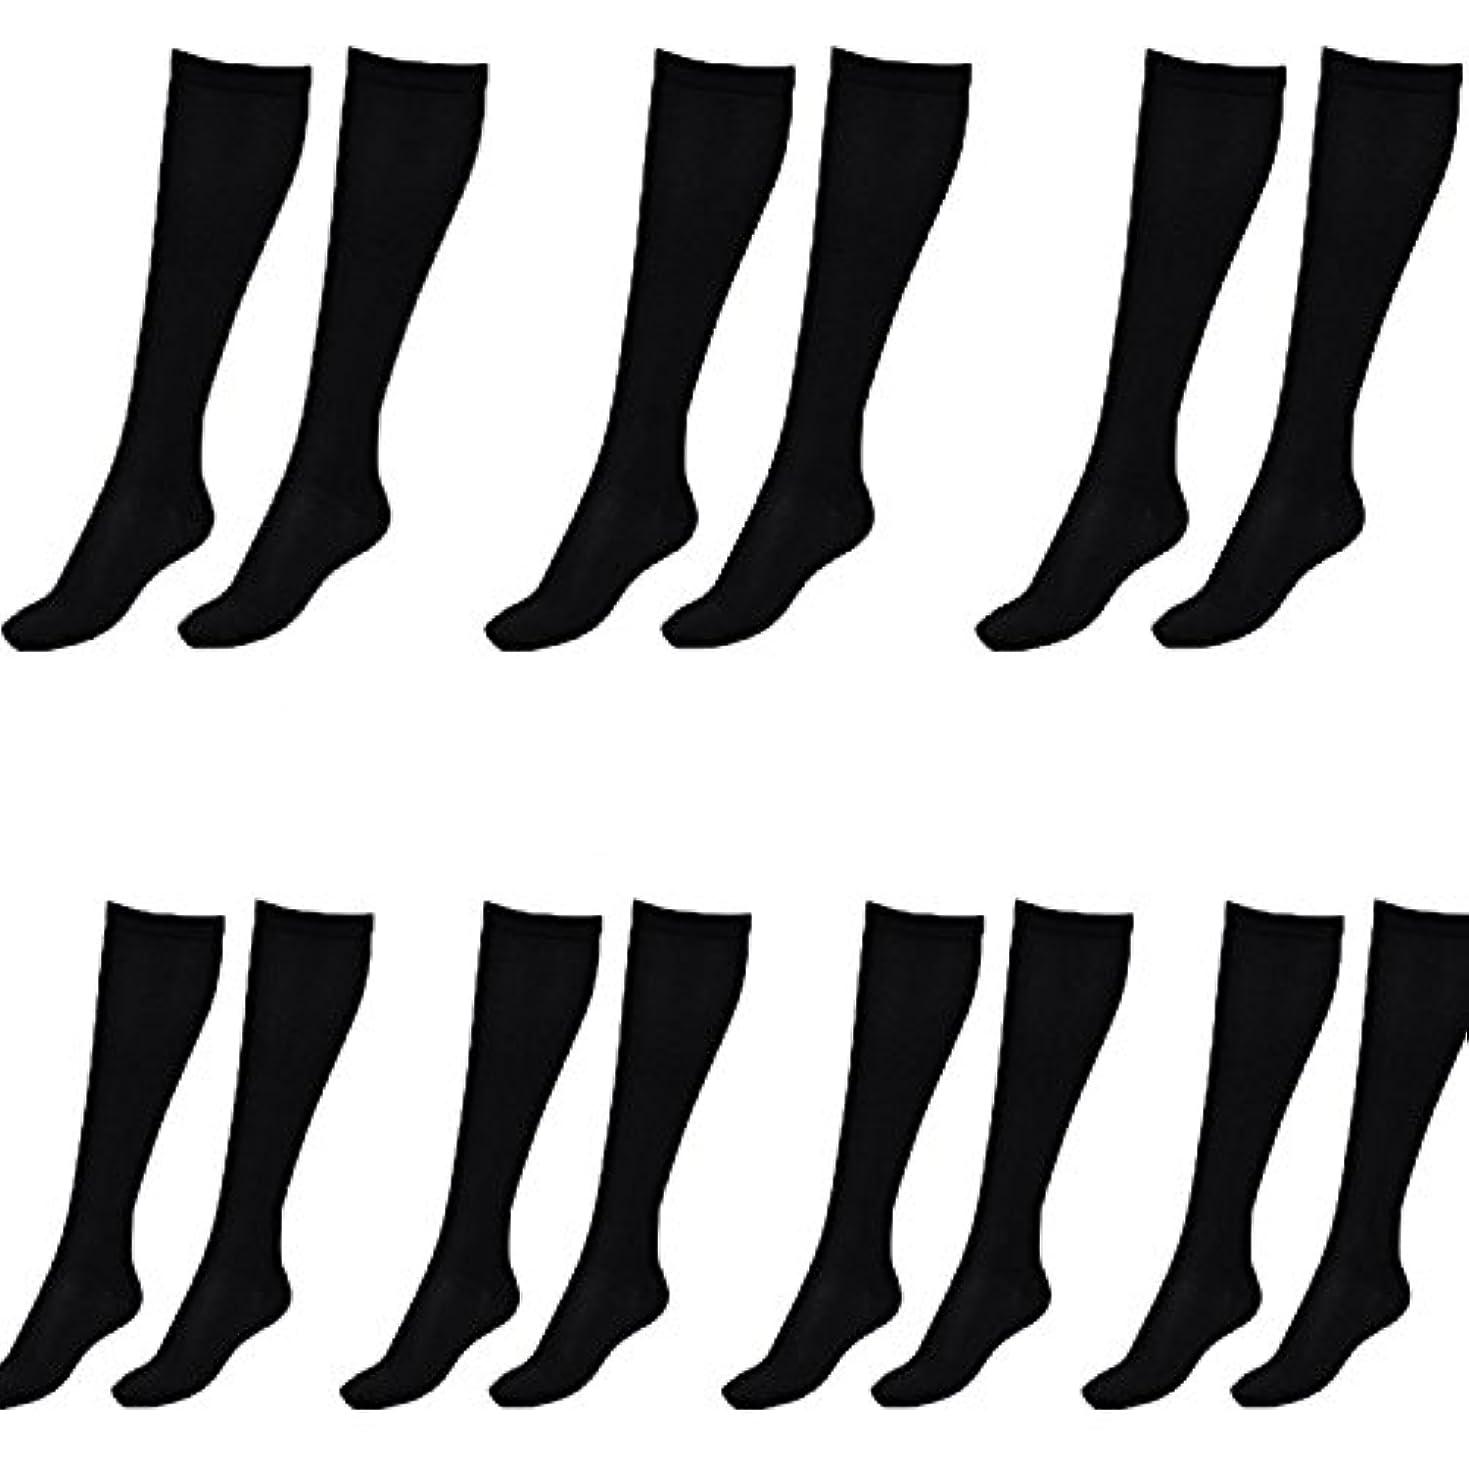 レクリエーションアプローチスクリュー美脚X ビキャックス 強圧補正ソックス レディース 7足セット 着圧 ソックス 引き締め 伸縮 靴下